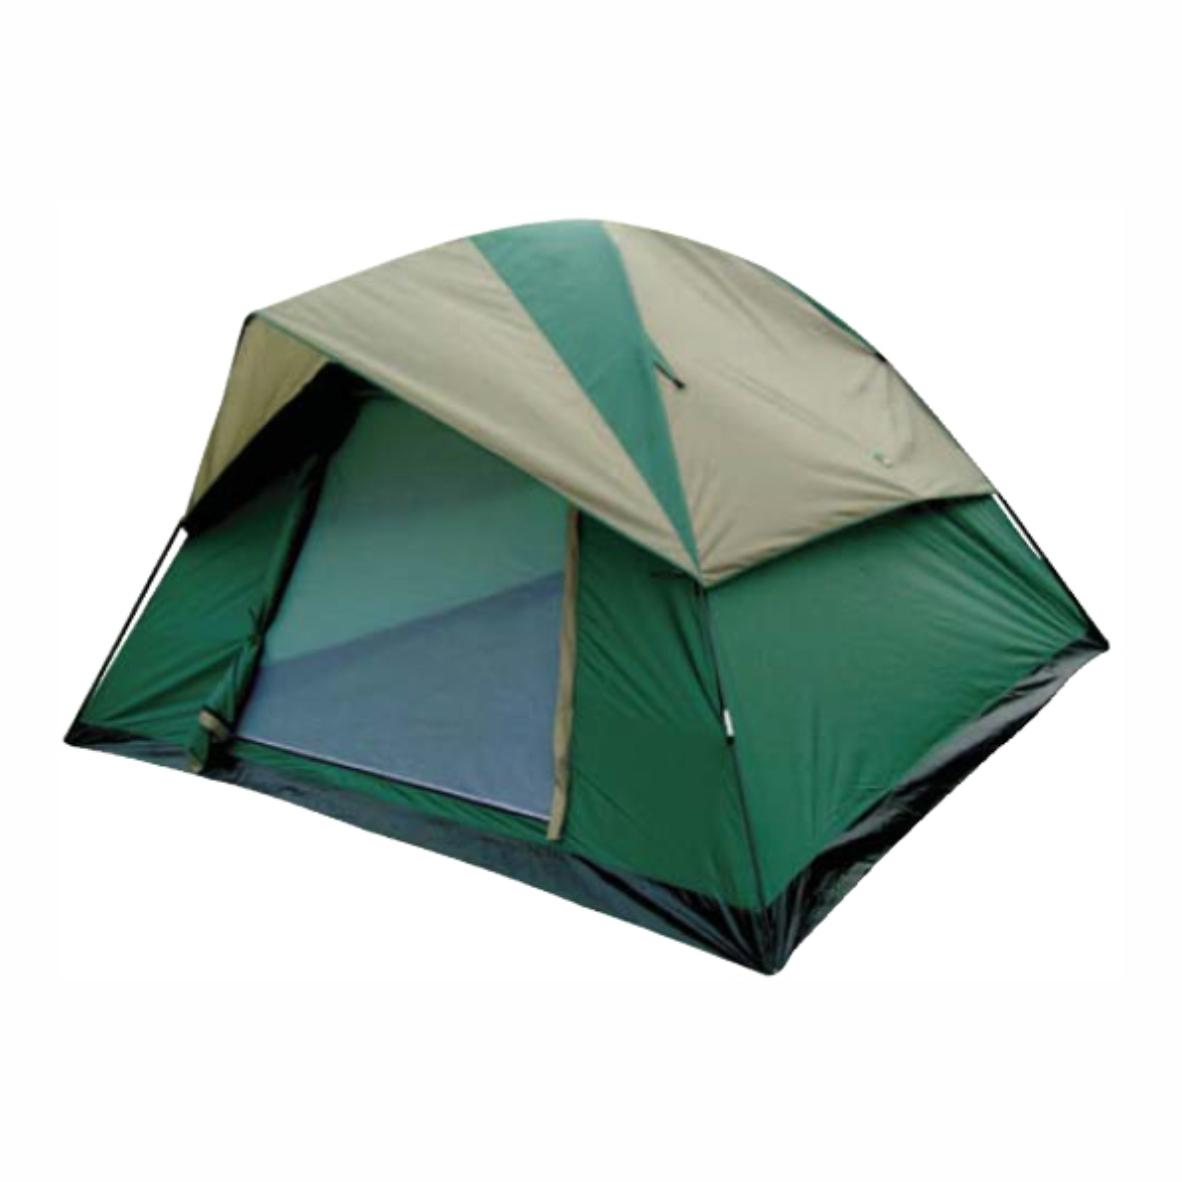 totai-8-man-tent-365x365x180-pu-800mm-05tn011-8